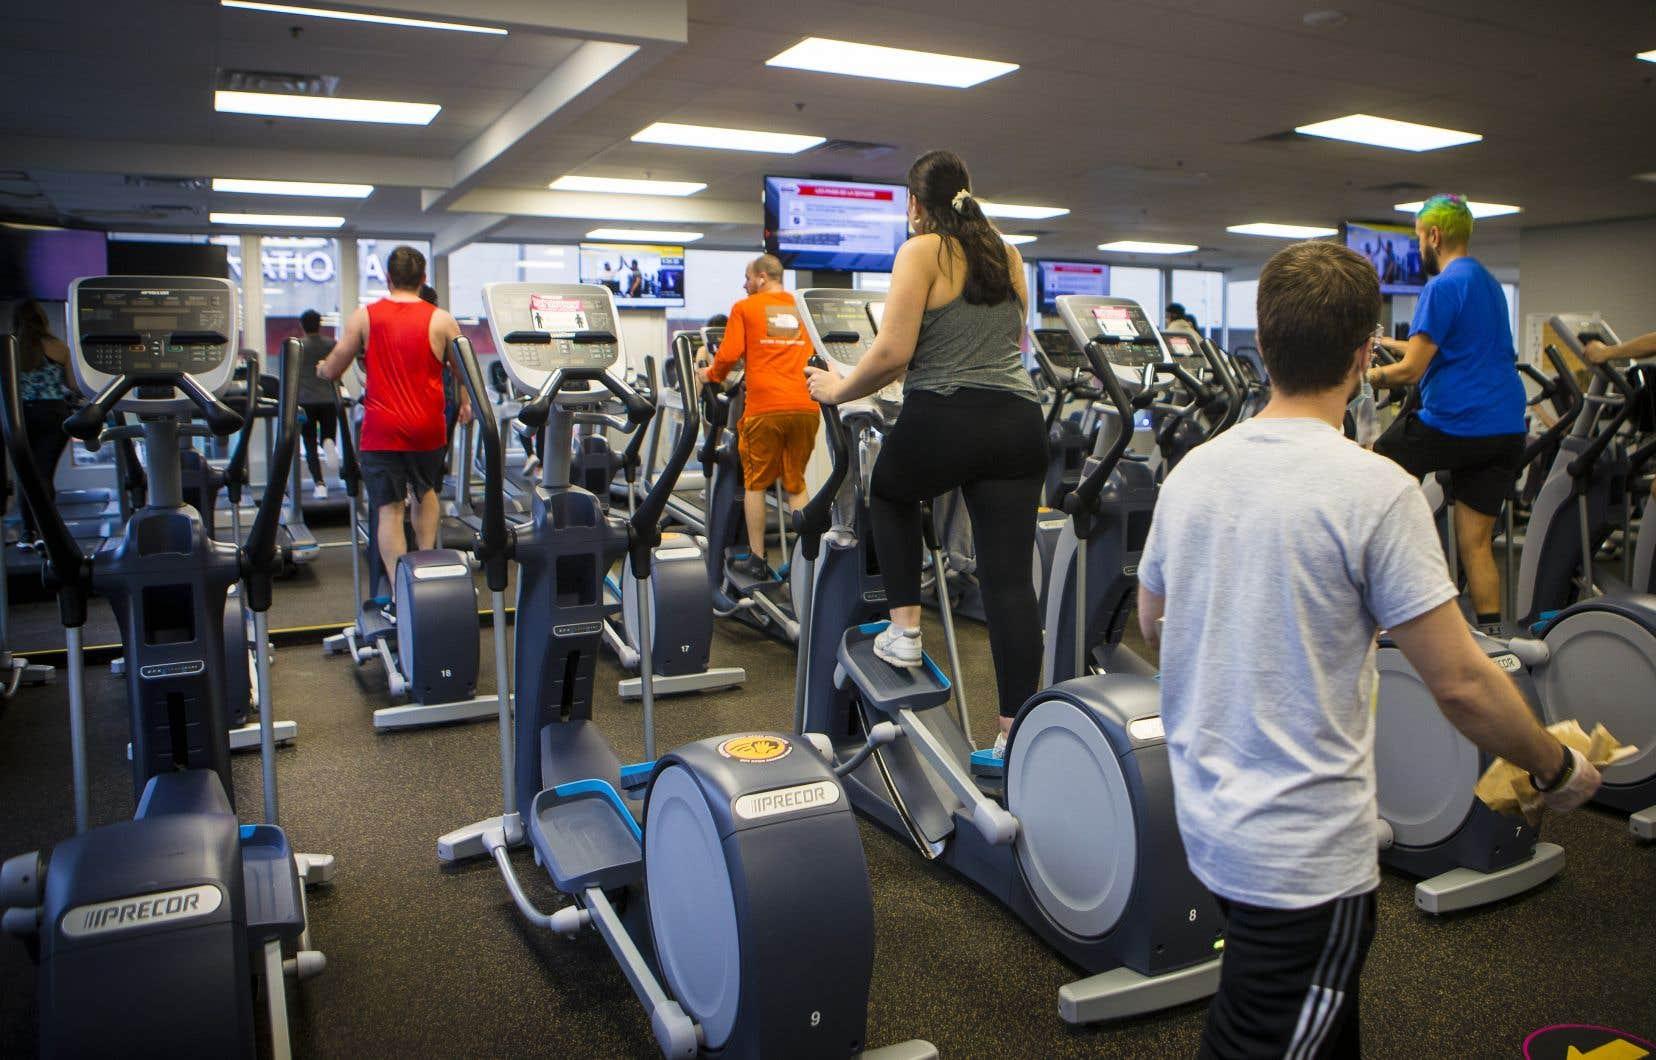 Depuis l'autorisation d'ouvrir les gyms en zone rouge, vendredi dernier, la clientèle est au rendez-vous.